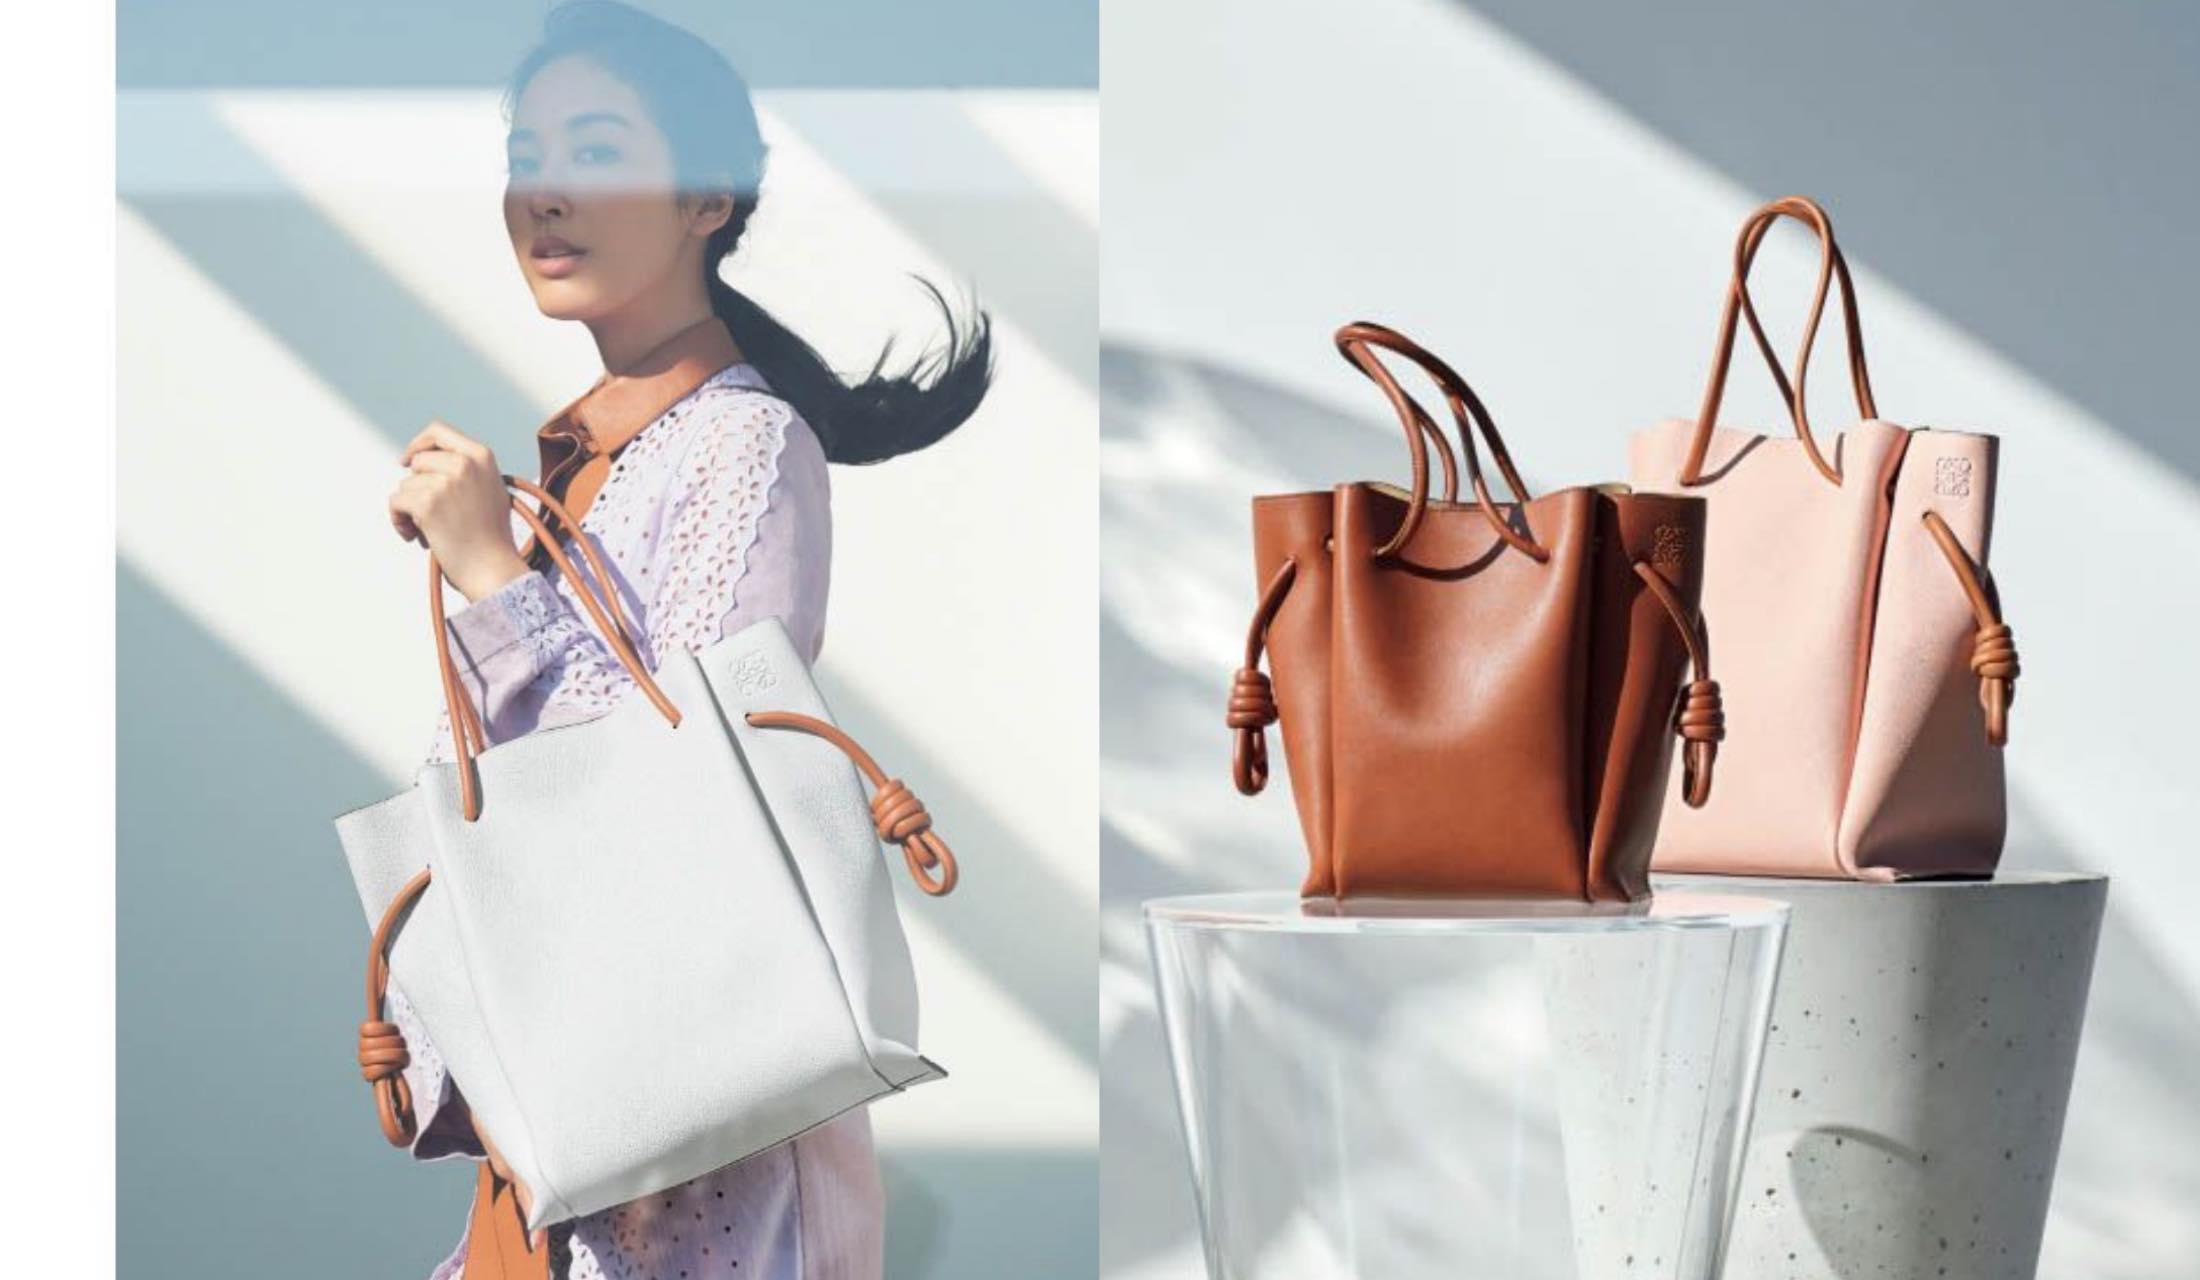 ロエベのトートバッグ「フラメンコ ノット」の商品写真と、それを持っている女性の写真